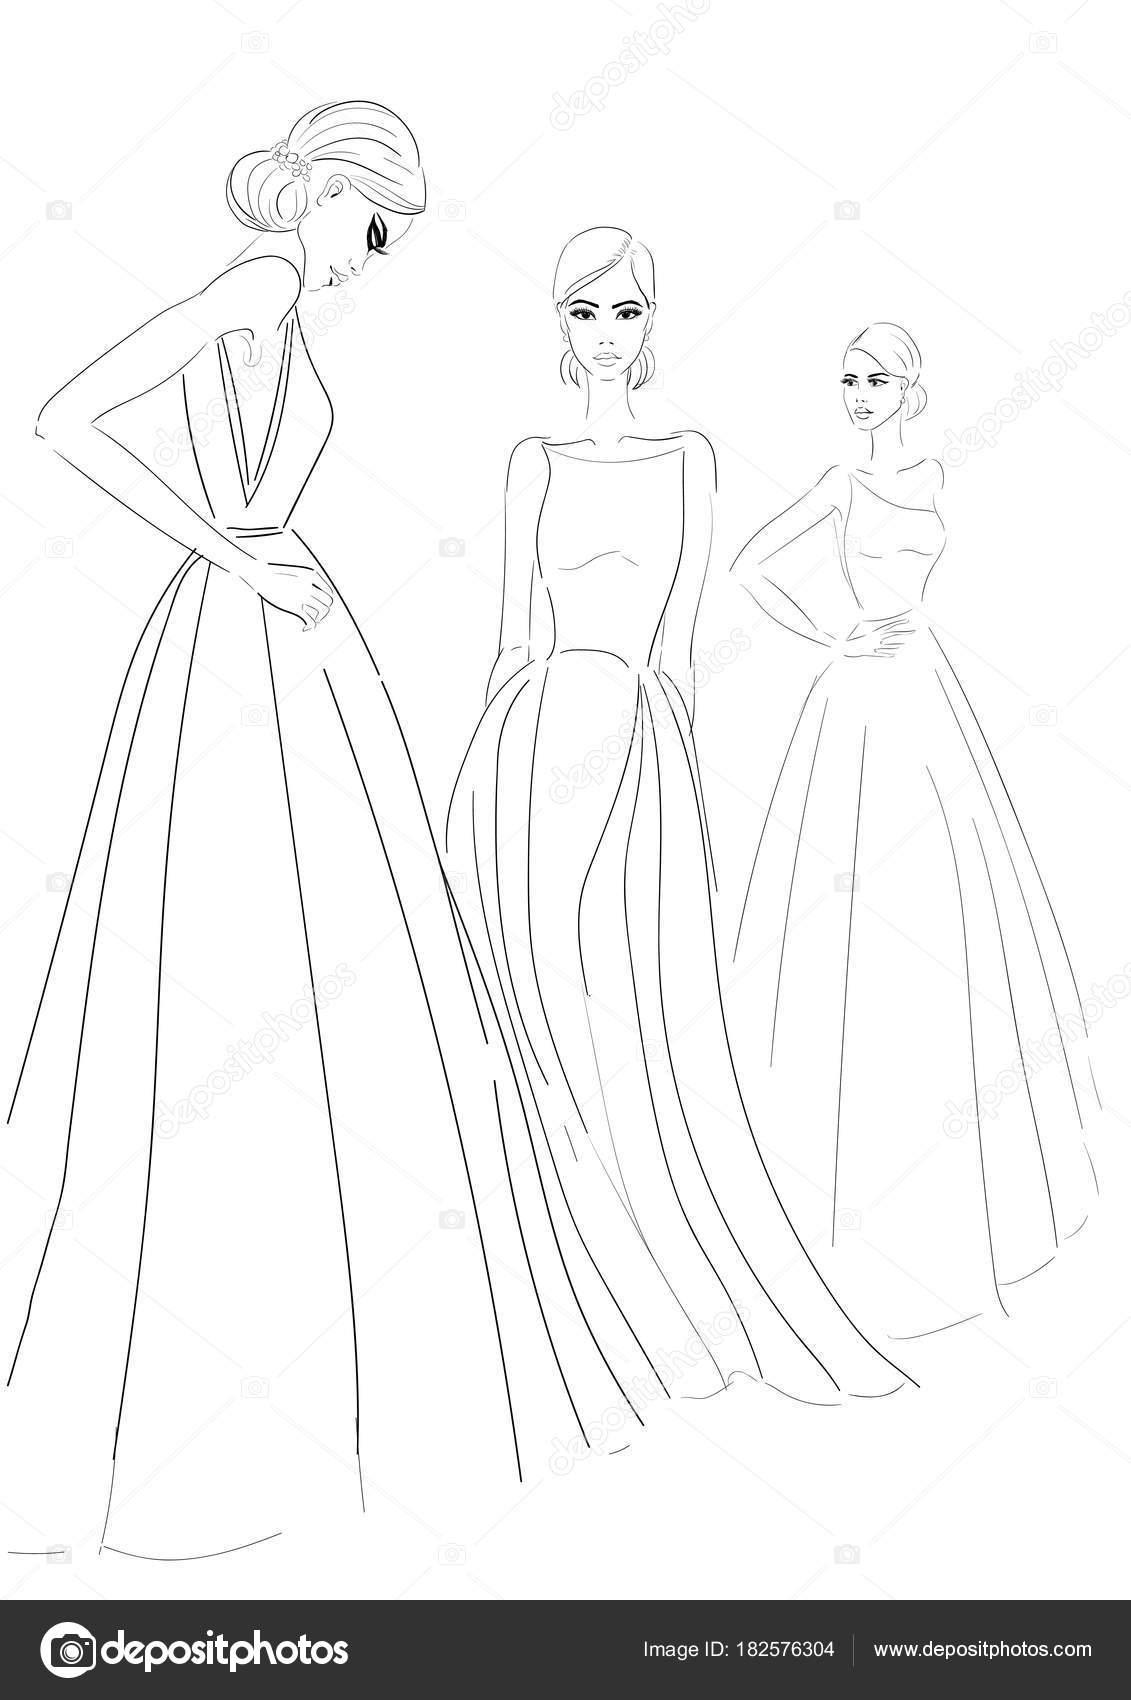 fe549ecc3b8 три модели в эскиз платья от кутюр — Векторное изображение ...